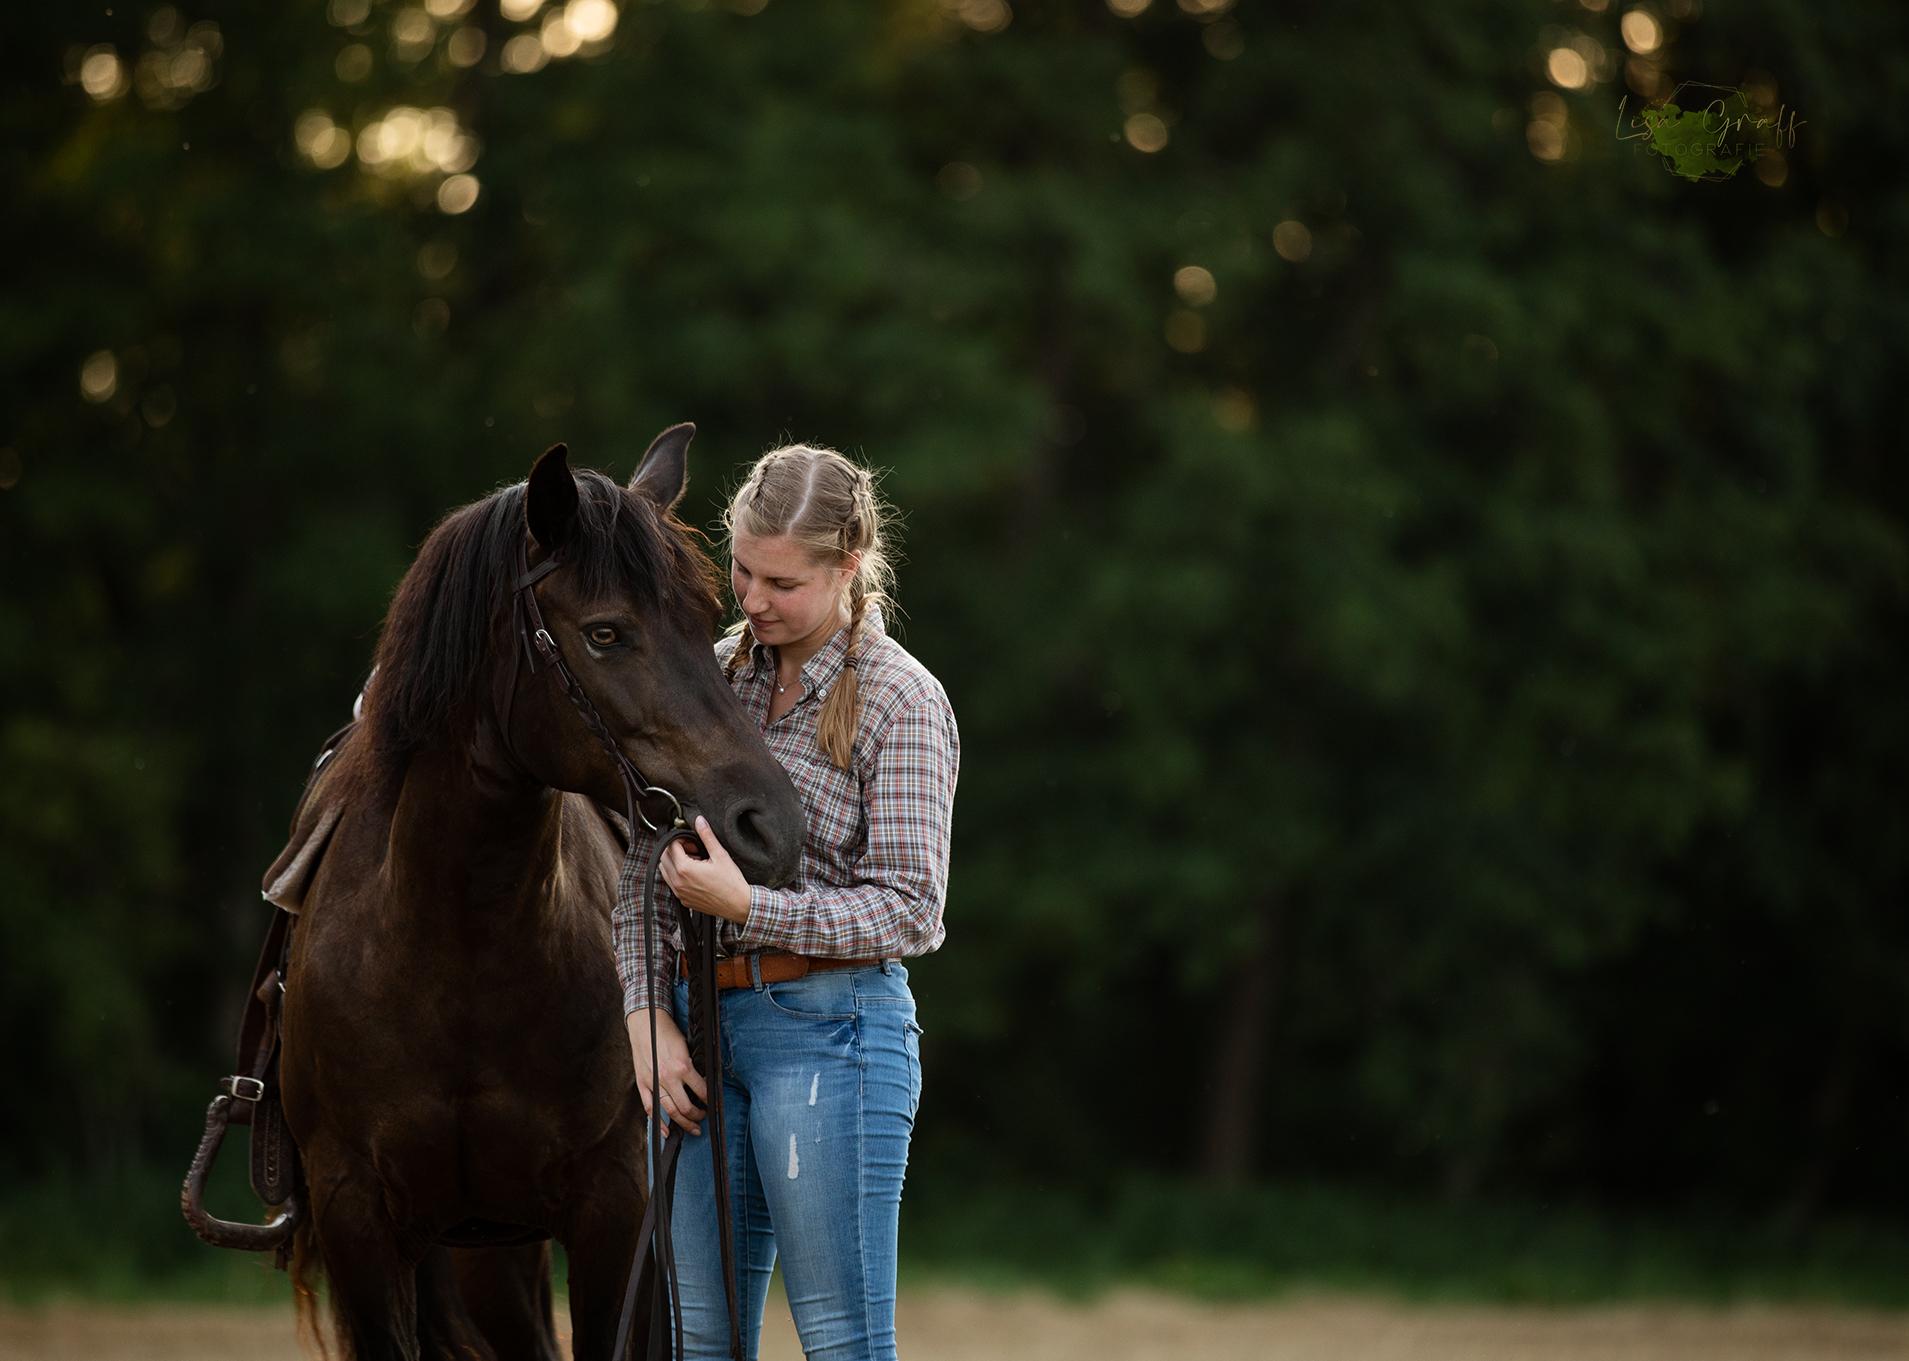 Westernpferd, Westernreiter, Pony, Westernpony, Tierfotograf, Pferdefotografie, Tierfotografie, Foto